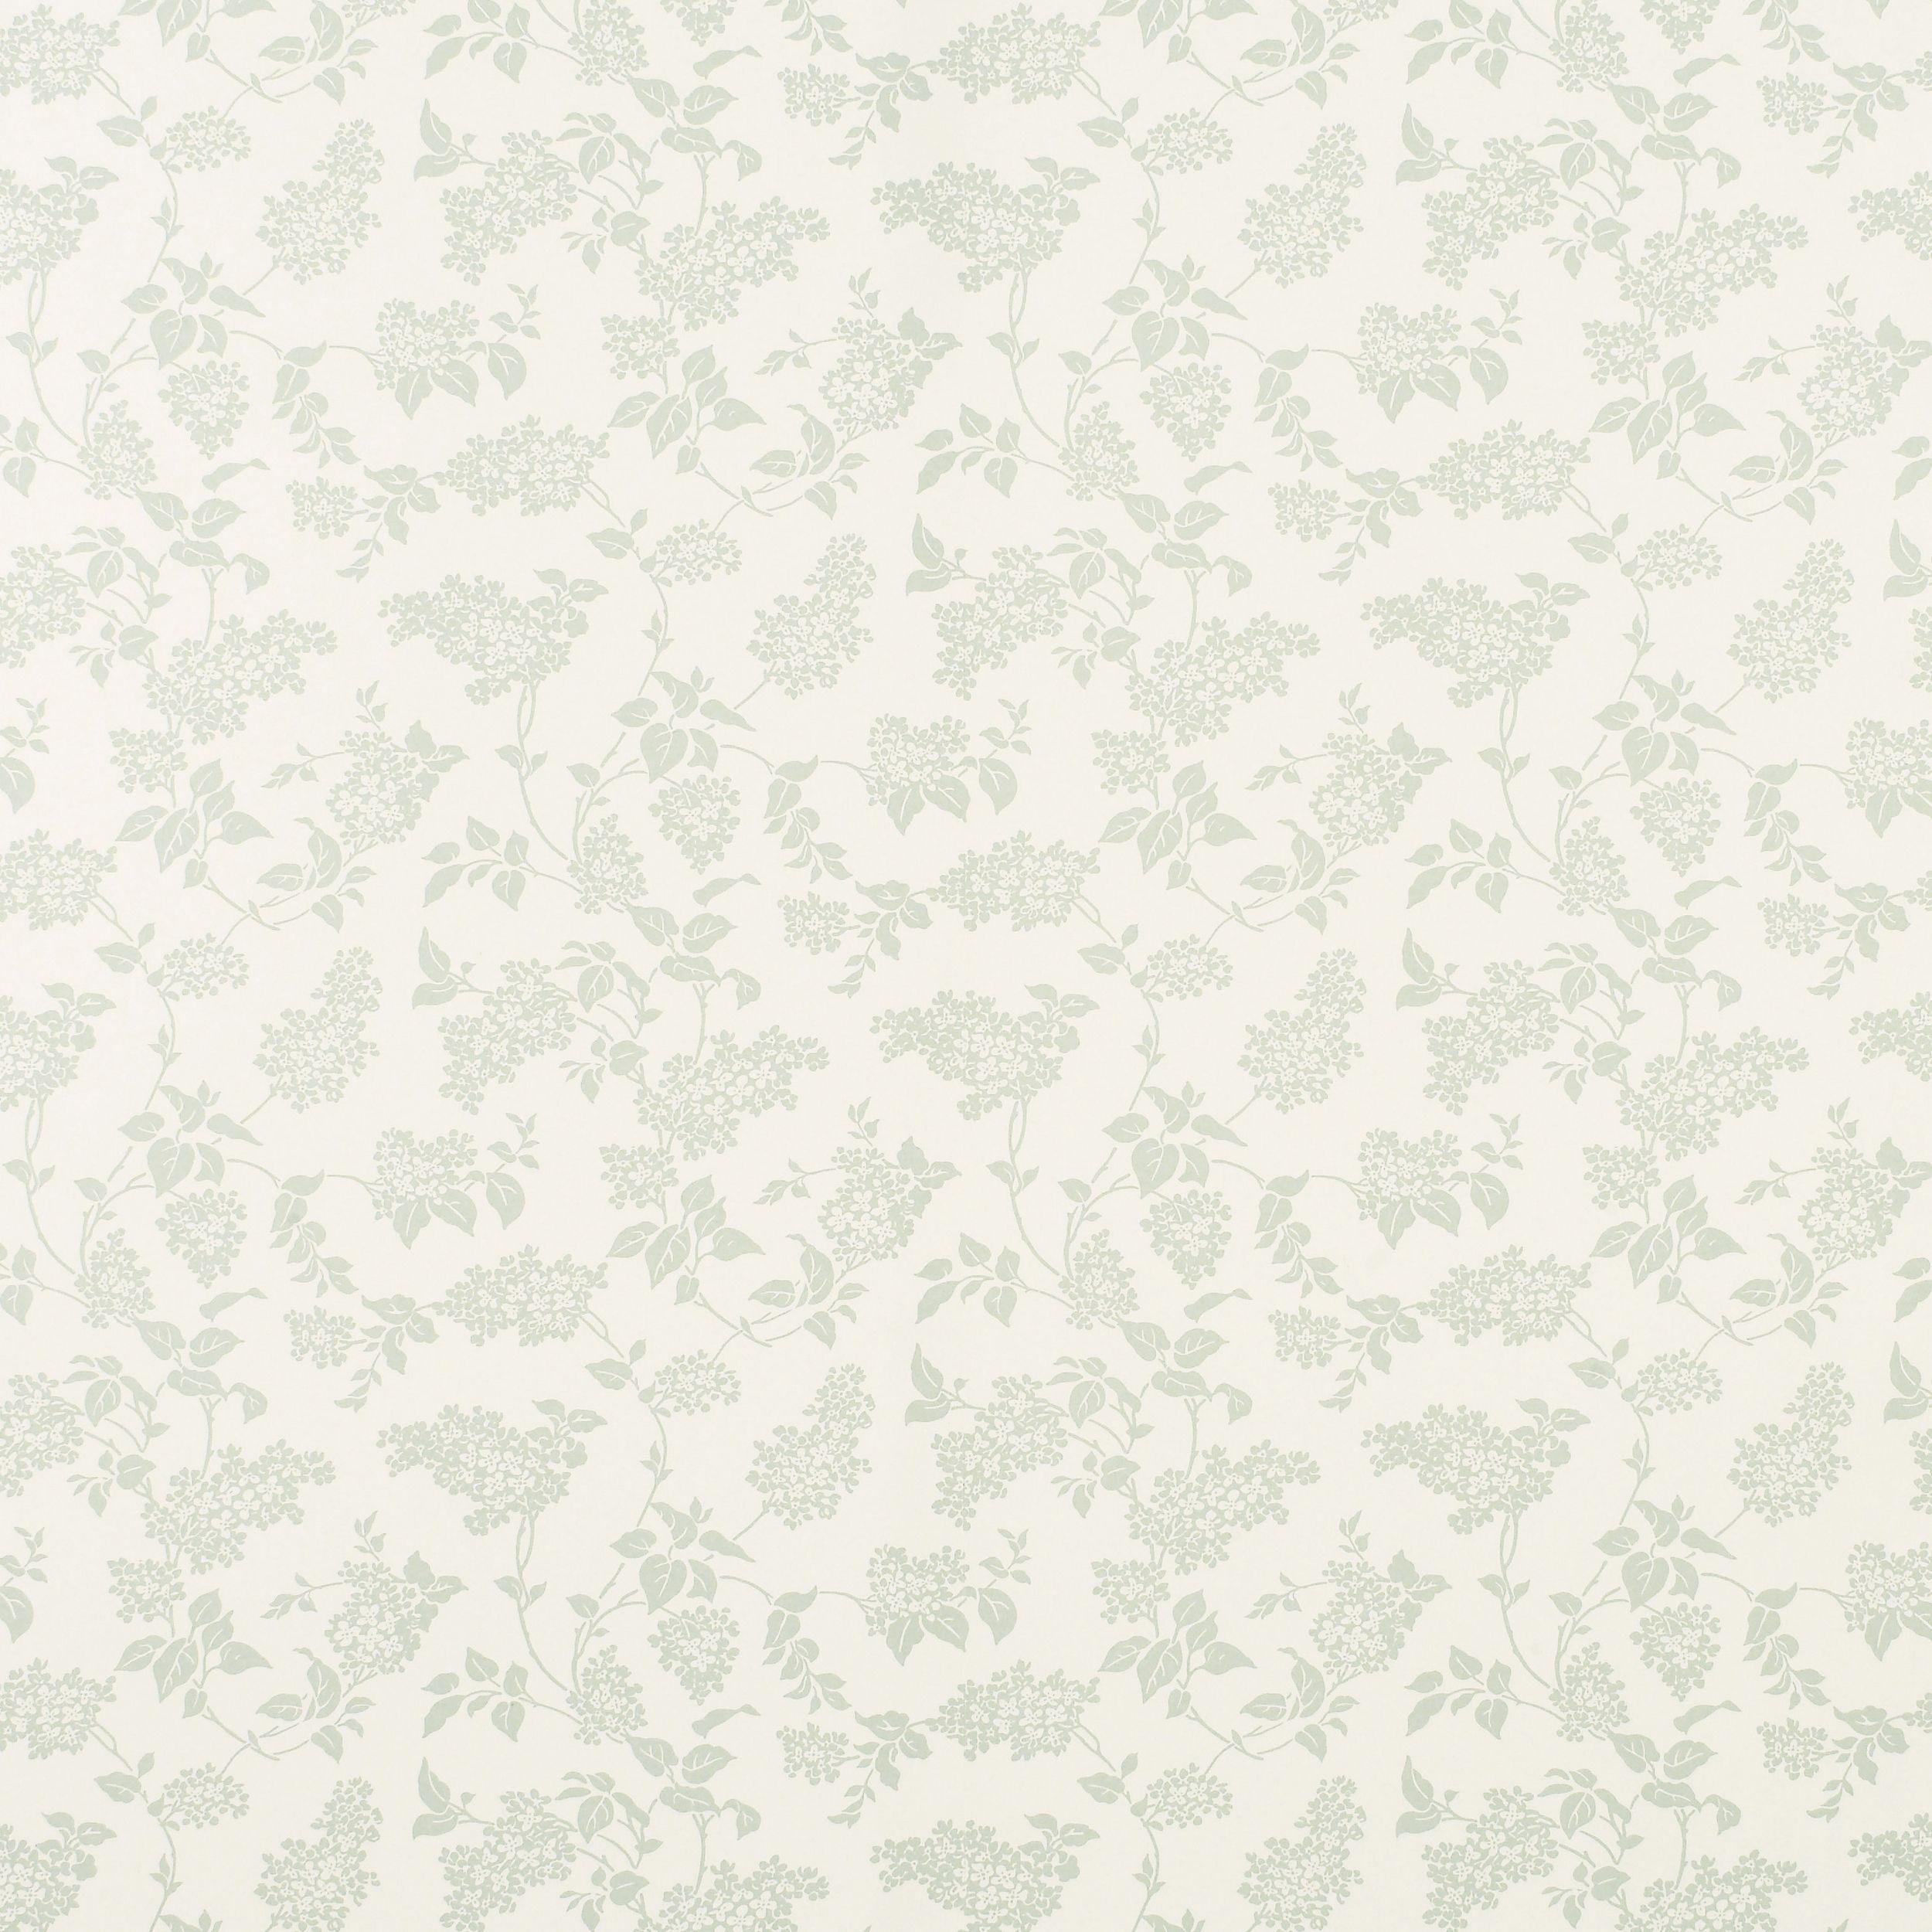 Ashley weiß laura ashley floralen tapeten der stuhl bücherregale flieder treppe stair landing egg